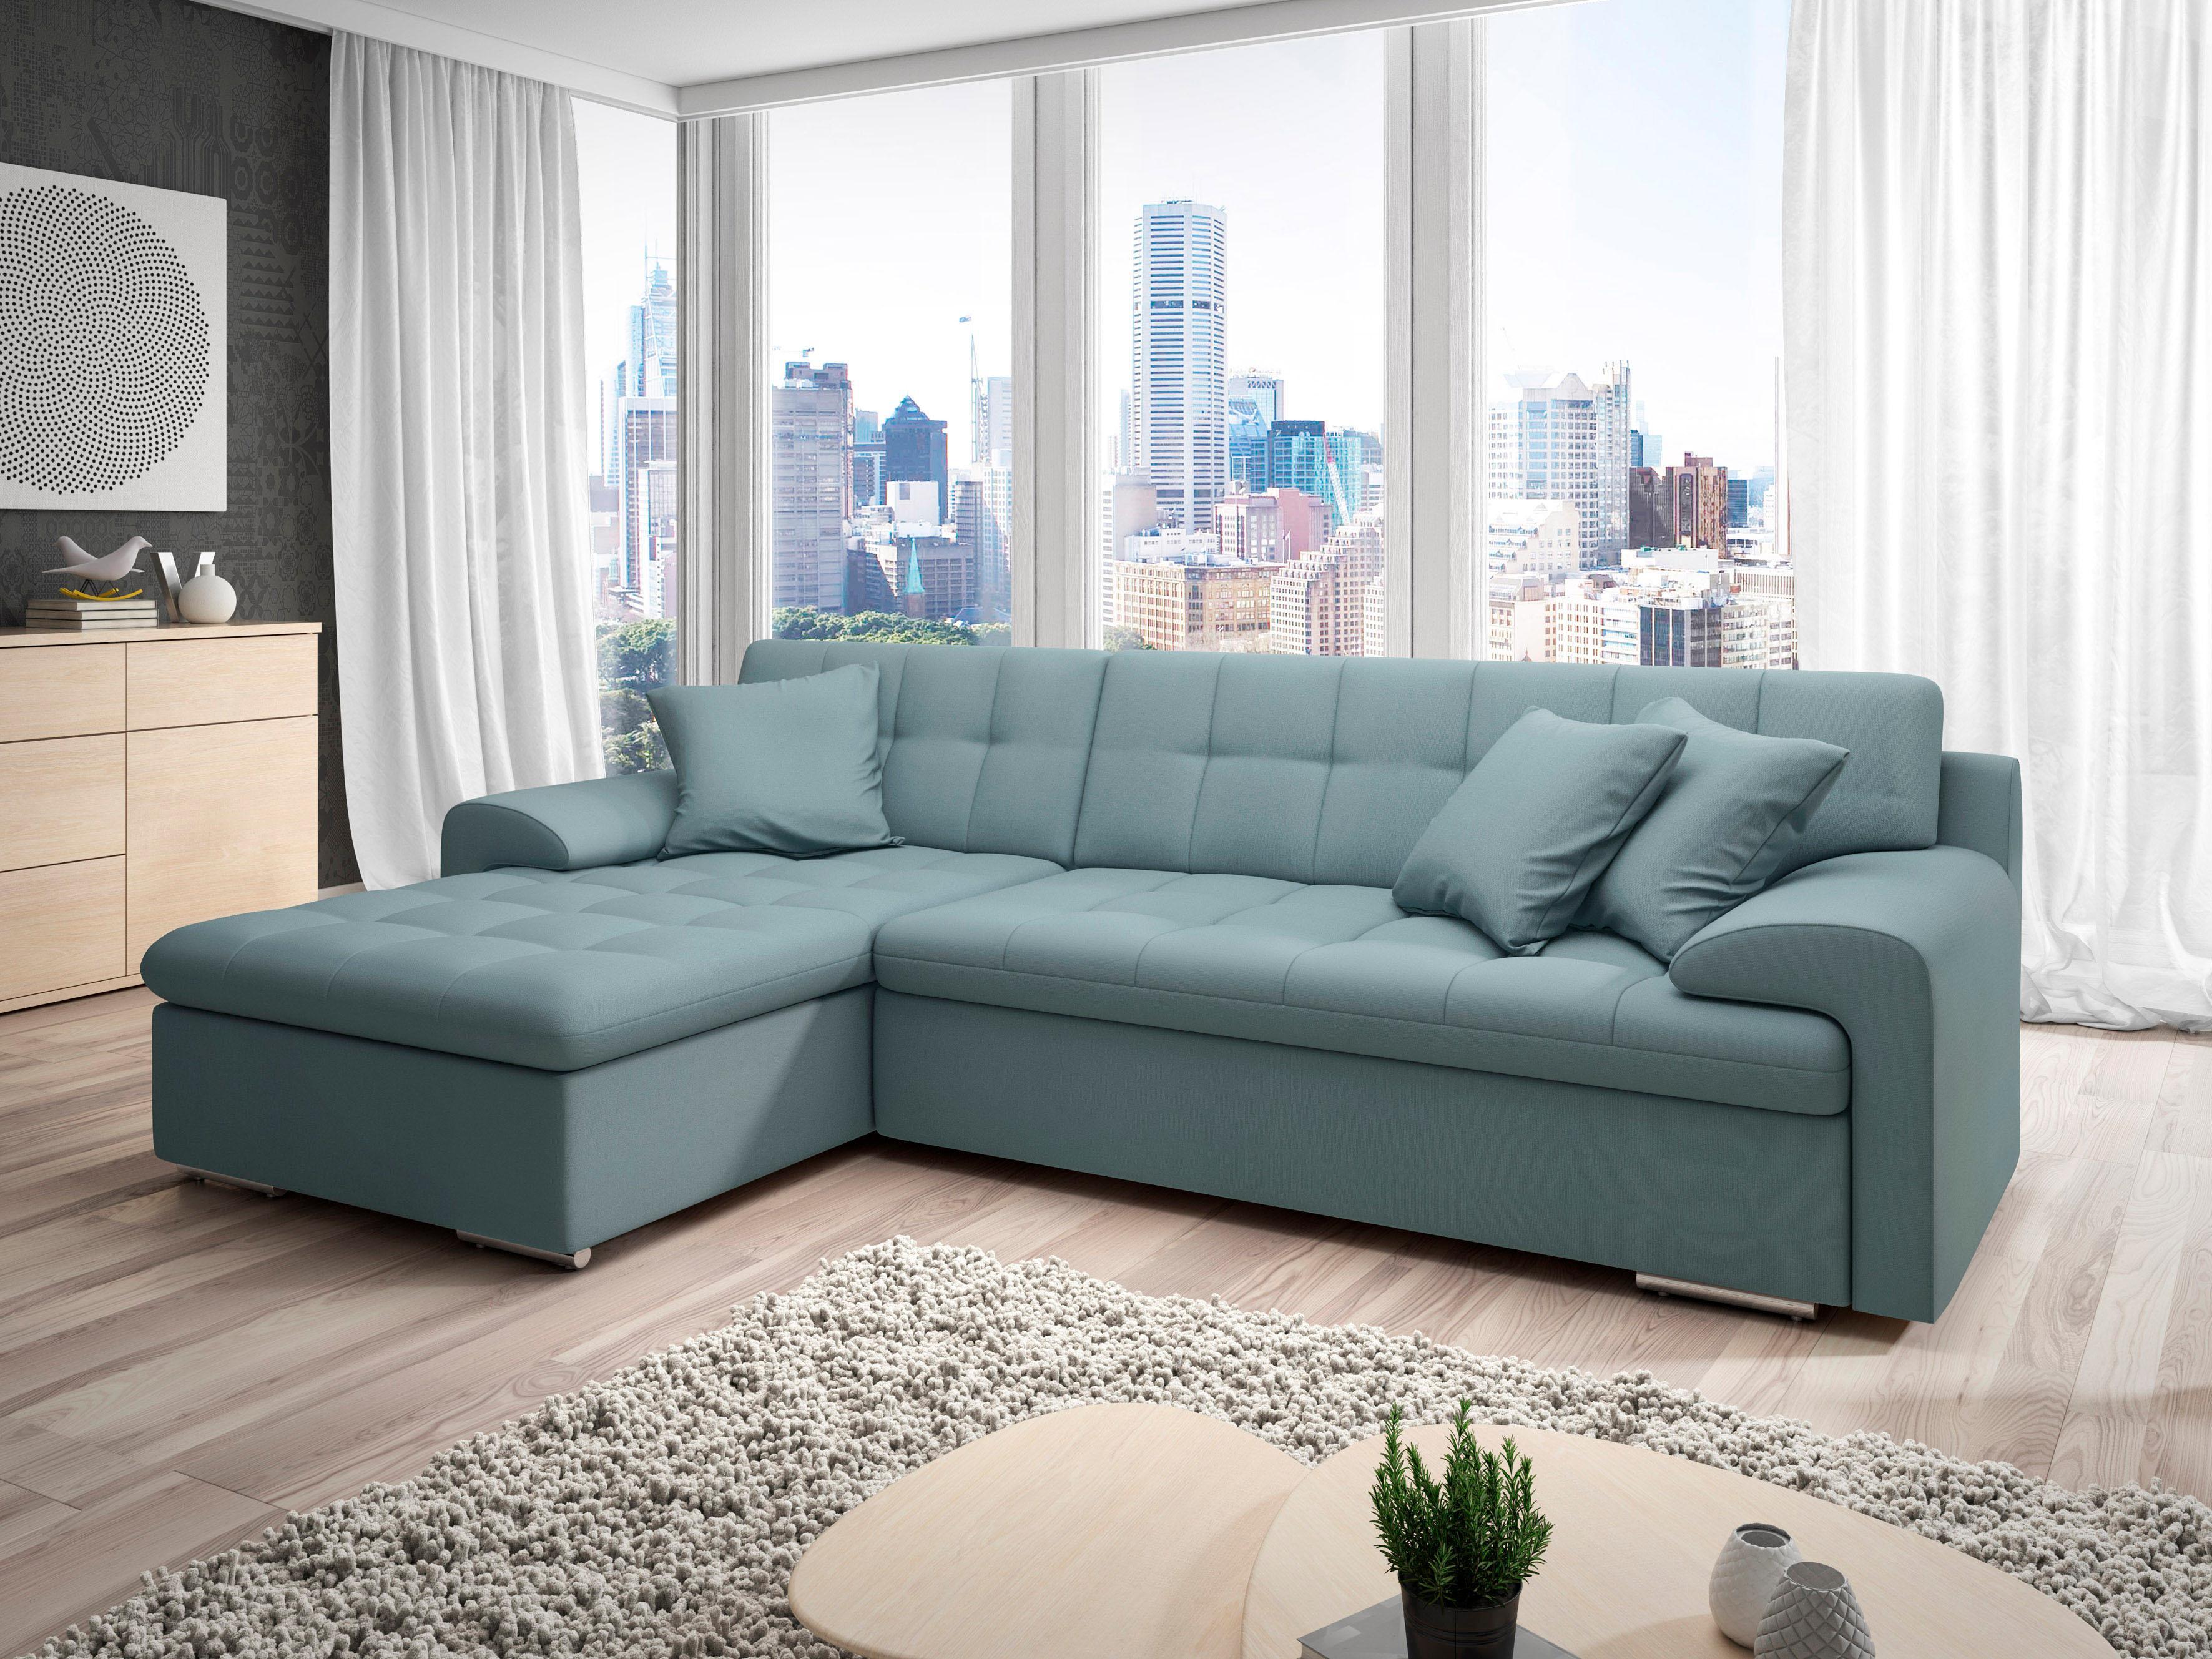 Mobel Und Accessoires Furs Wohnzimmer Online Kaufen Mobel